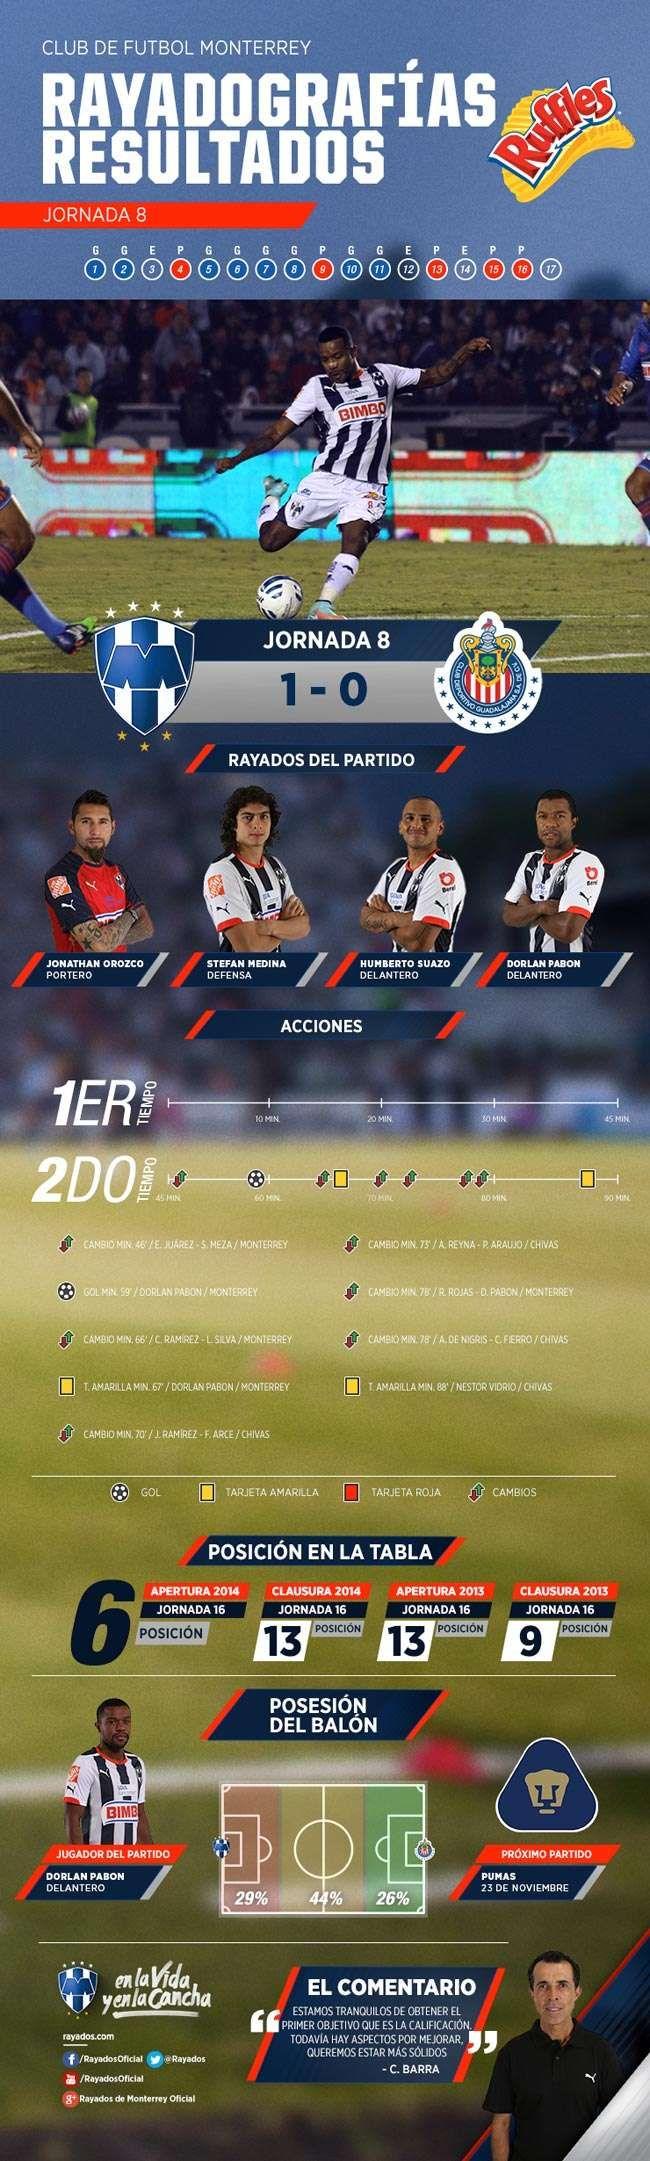 La #Rayadografía post partido del Club de Futbol Monterrey vs. Chivas es presentada por Ruffles MX.  Para ver con mayor detalle la imagen, da clic aquí: http://www.rayados.com/primer-equipo/rayadografia-post-rayados-vs-chivas-por-ruffles,c8f4c562b4b99410VgnVCM5000009ccceb0aRCRD.html